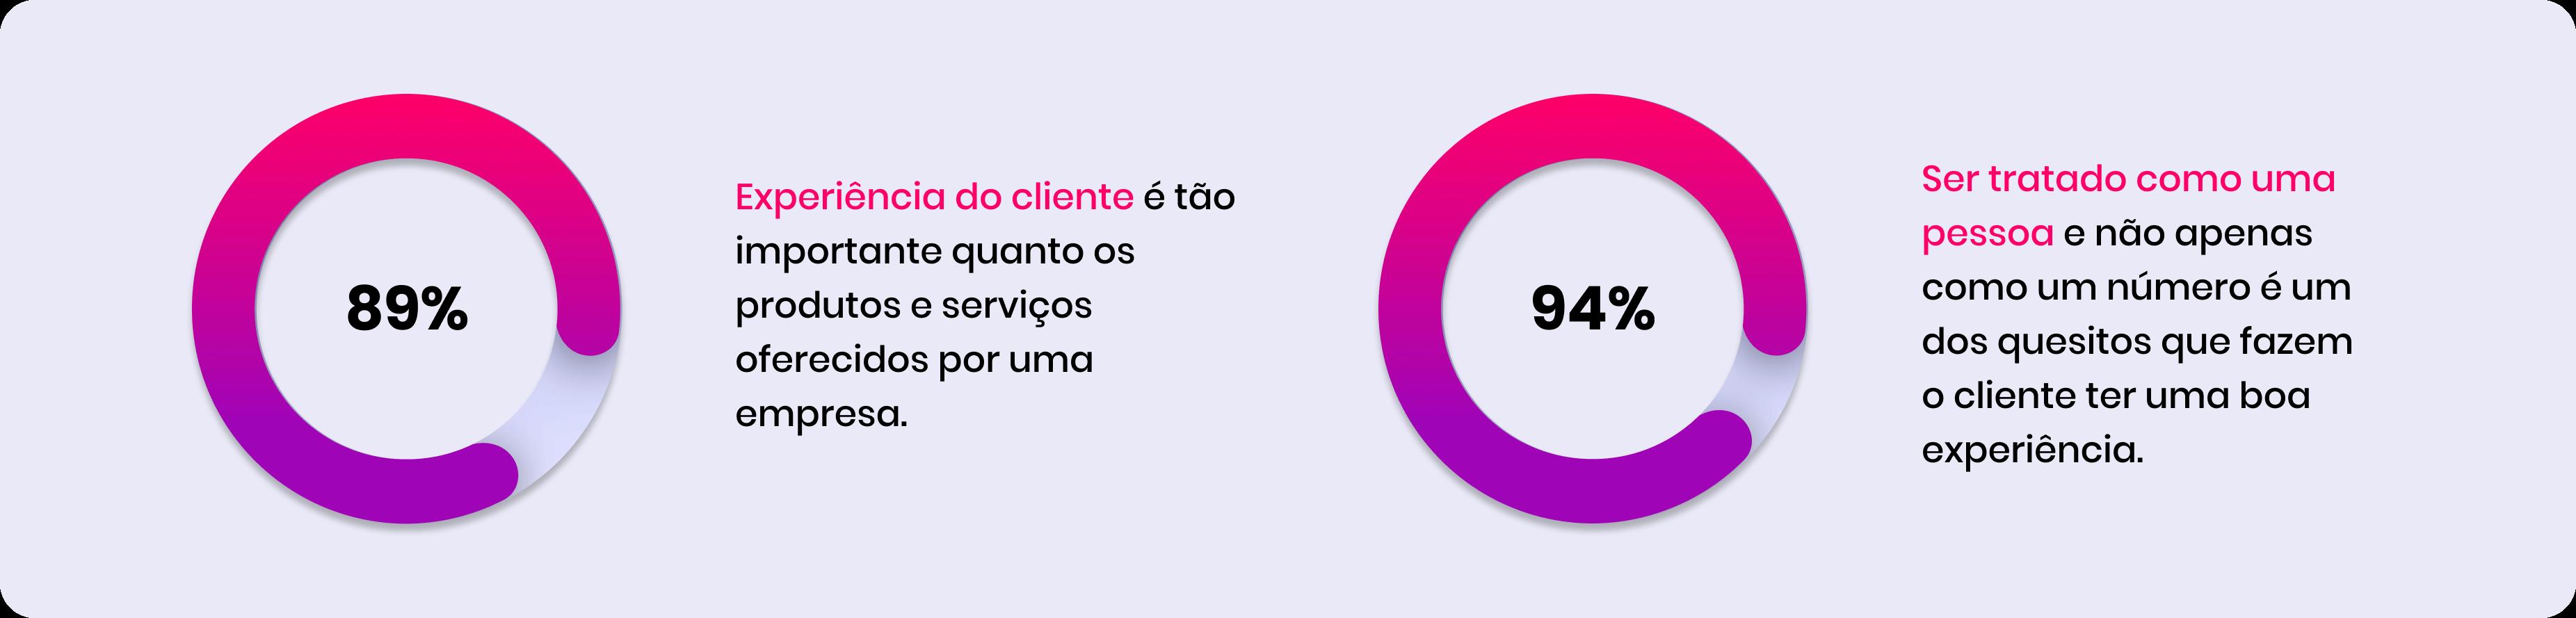 Influência da experiência do cliente e atendimento ao cliente.